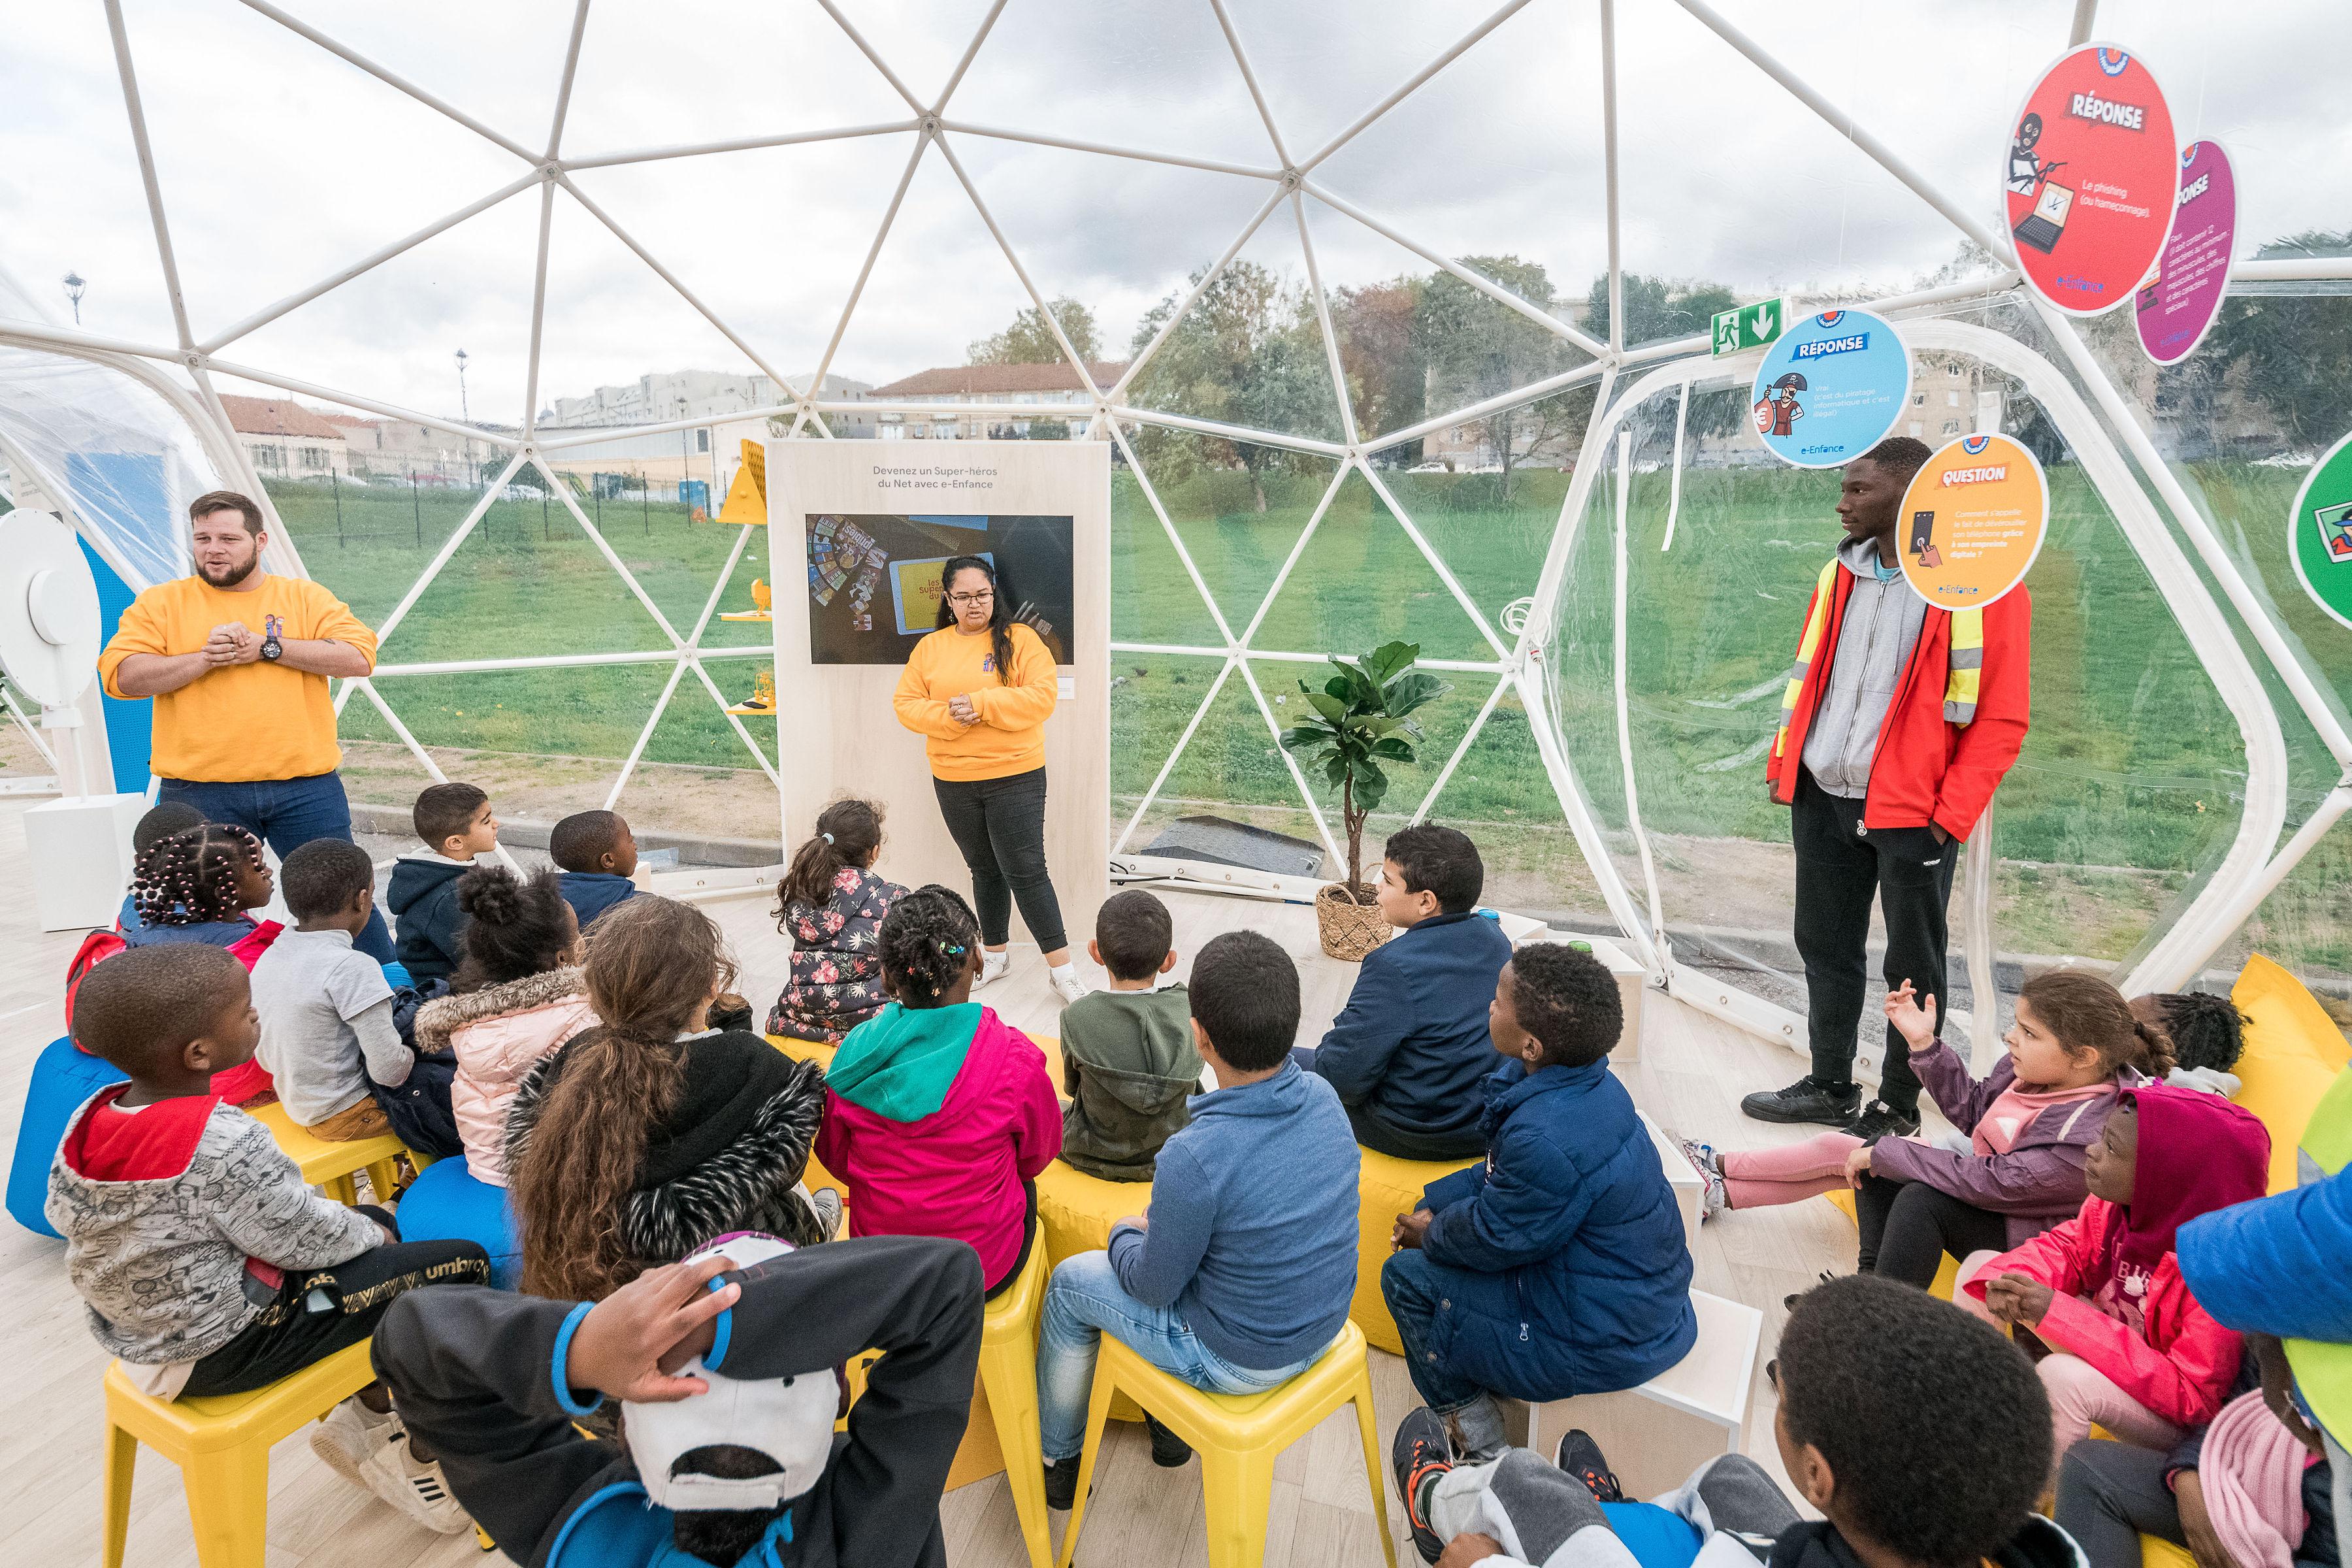 Événement éducatif dans un dôme avec des enfants